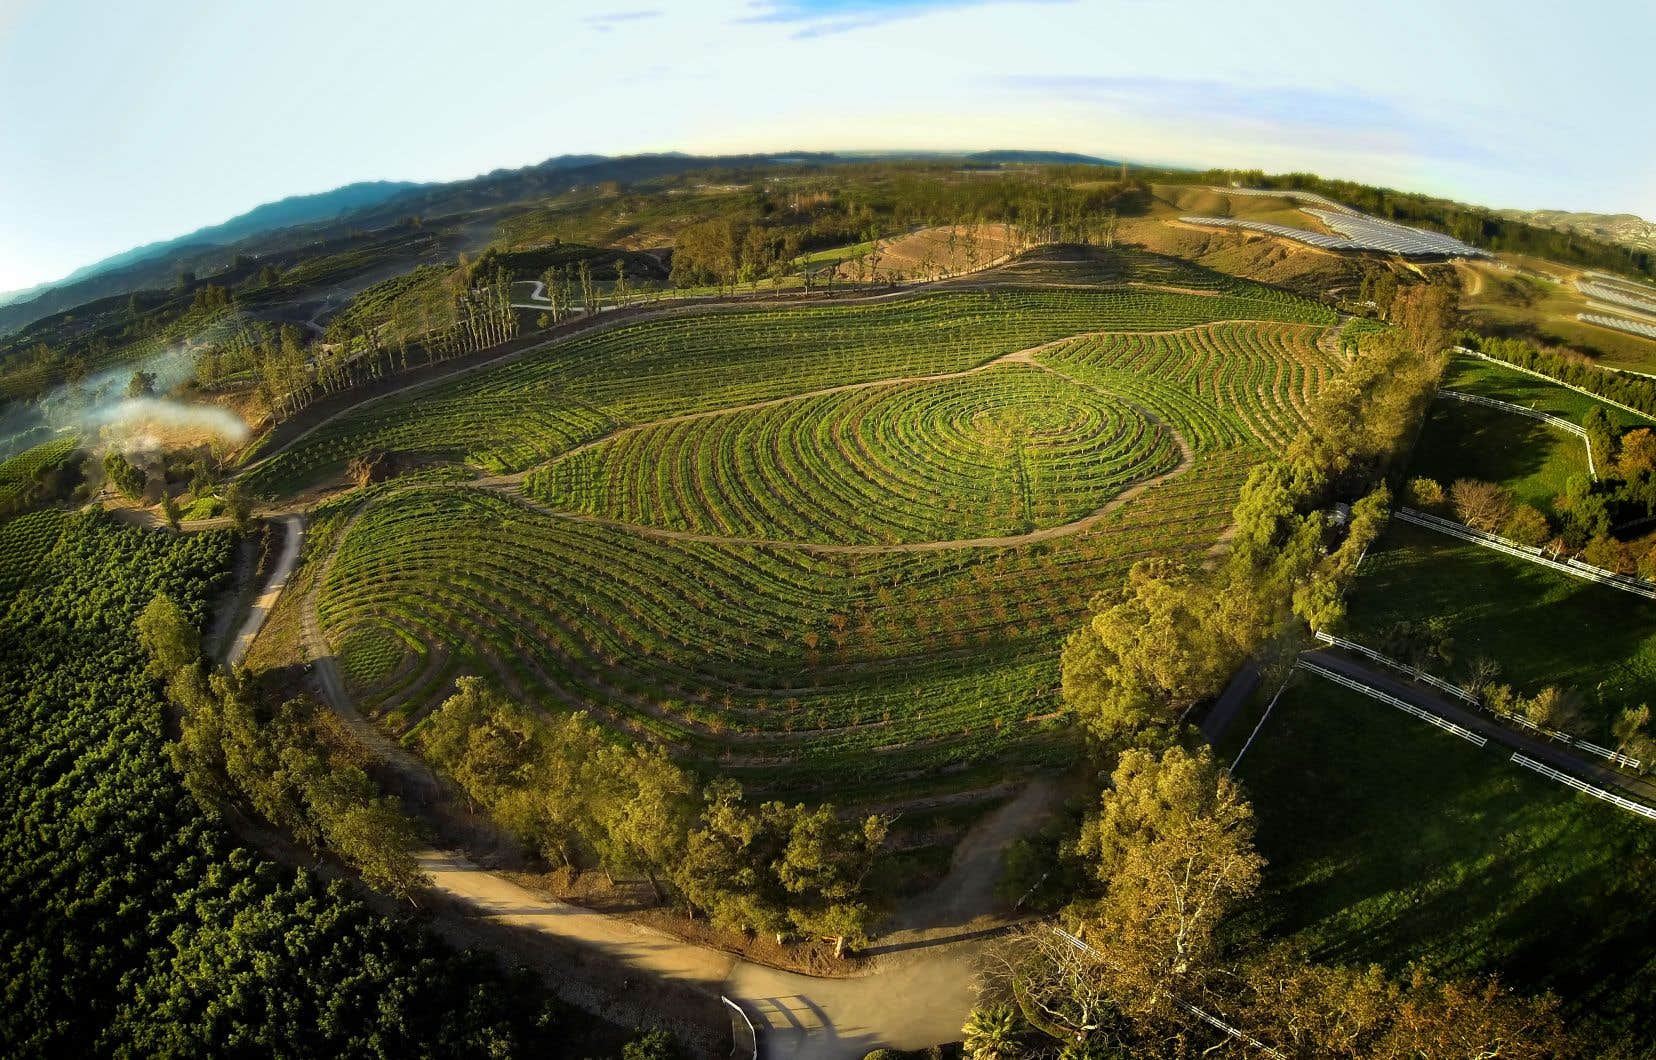 La plantation d'abricotiers à Moorpark, en Californie, est devenue certifiée biologique et biodynamique avec des dizaines de variétés de fruits à noyau et des tonnes d'animaux, apprend-on dans le documentaire «Une ferme plus grande que nature».